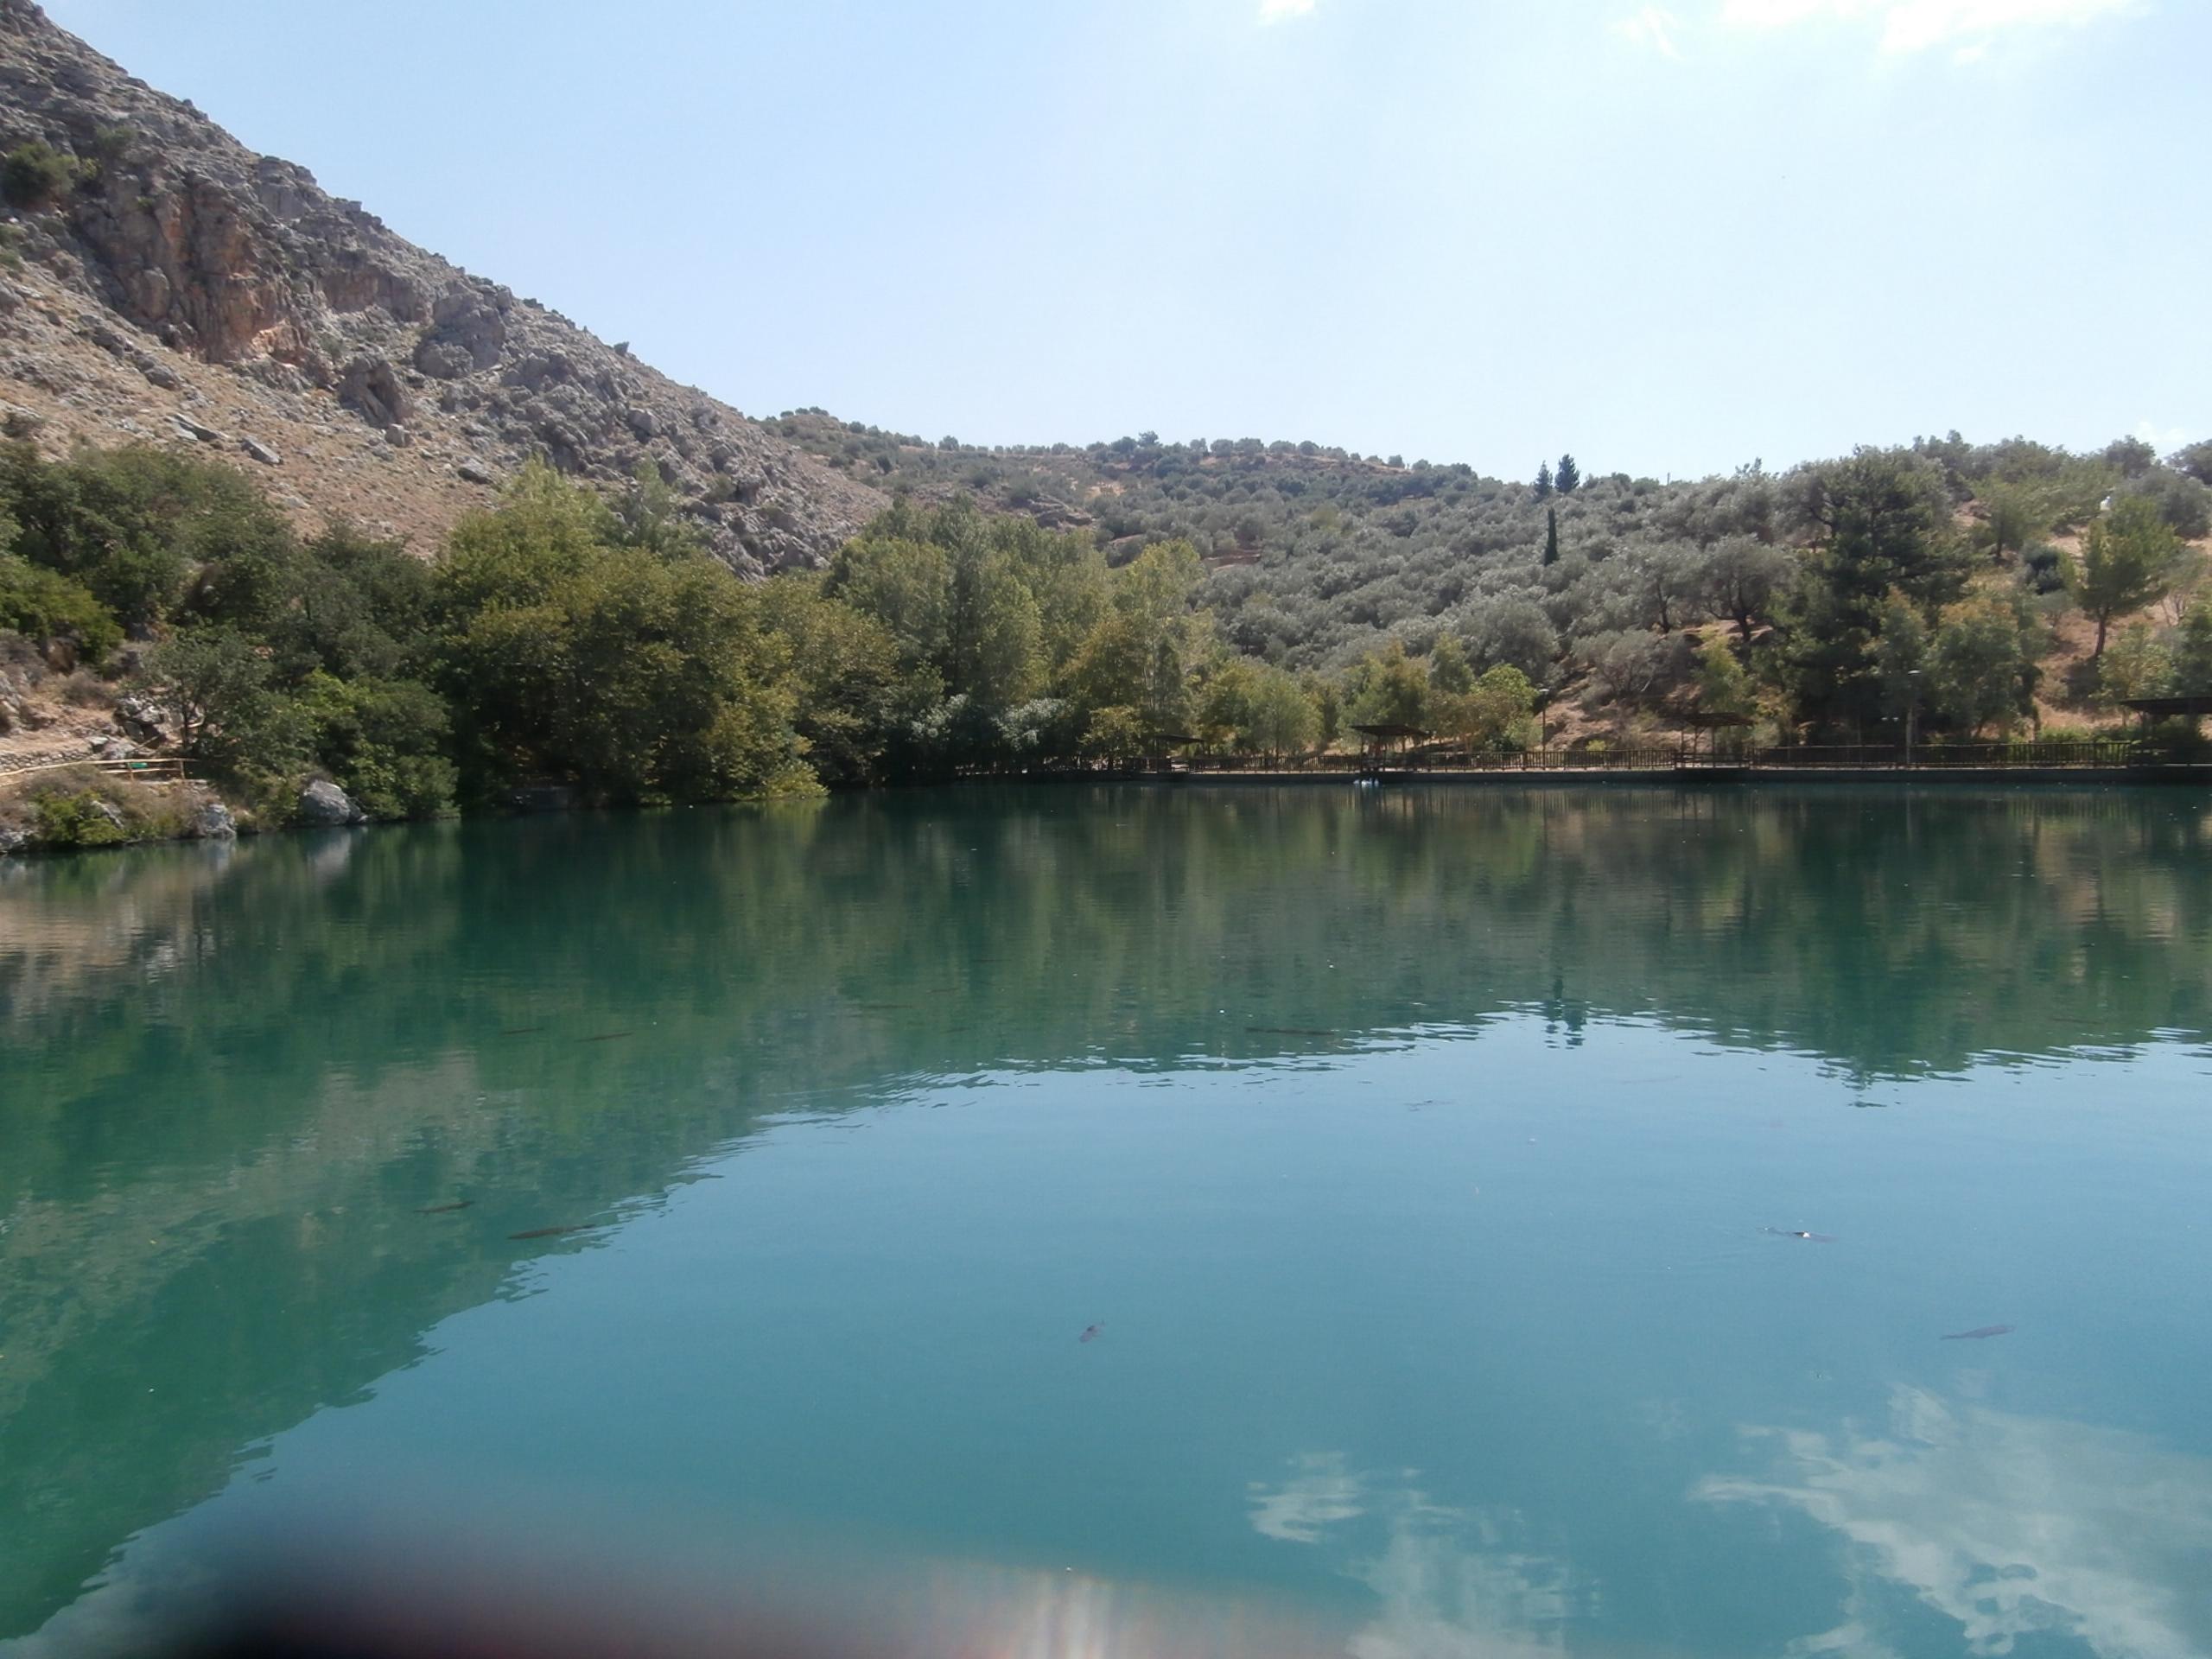 File:Zaros artificial lake.JPG